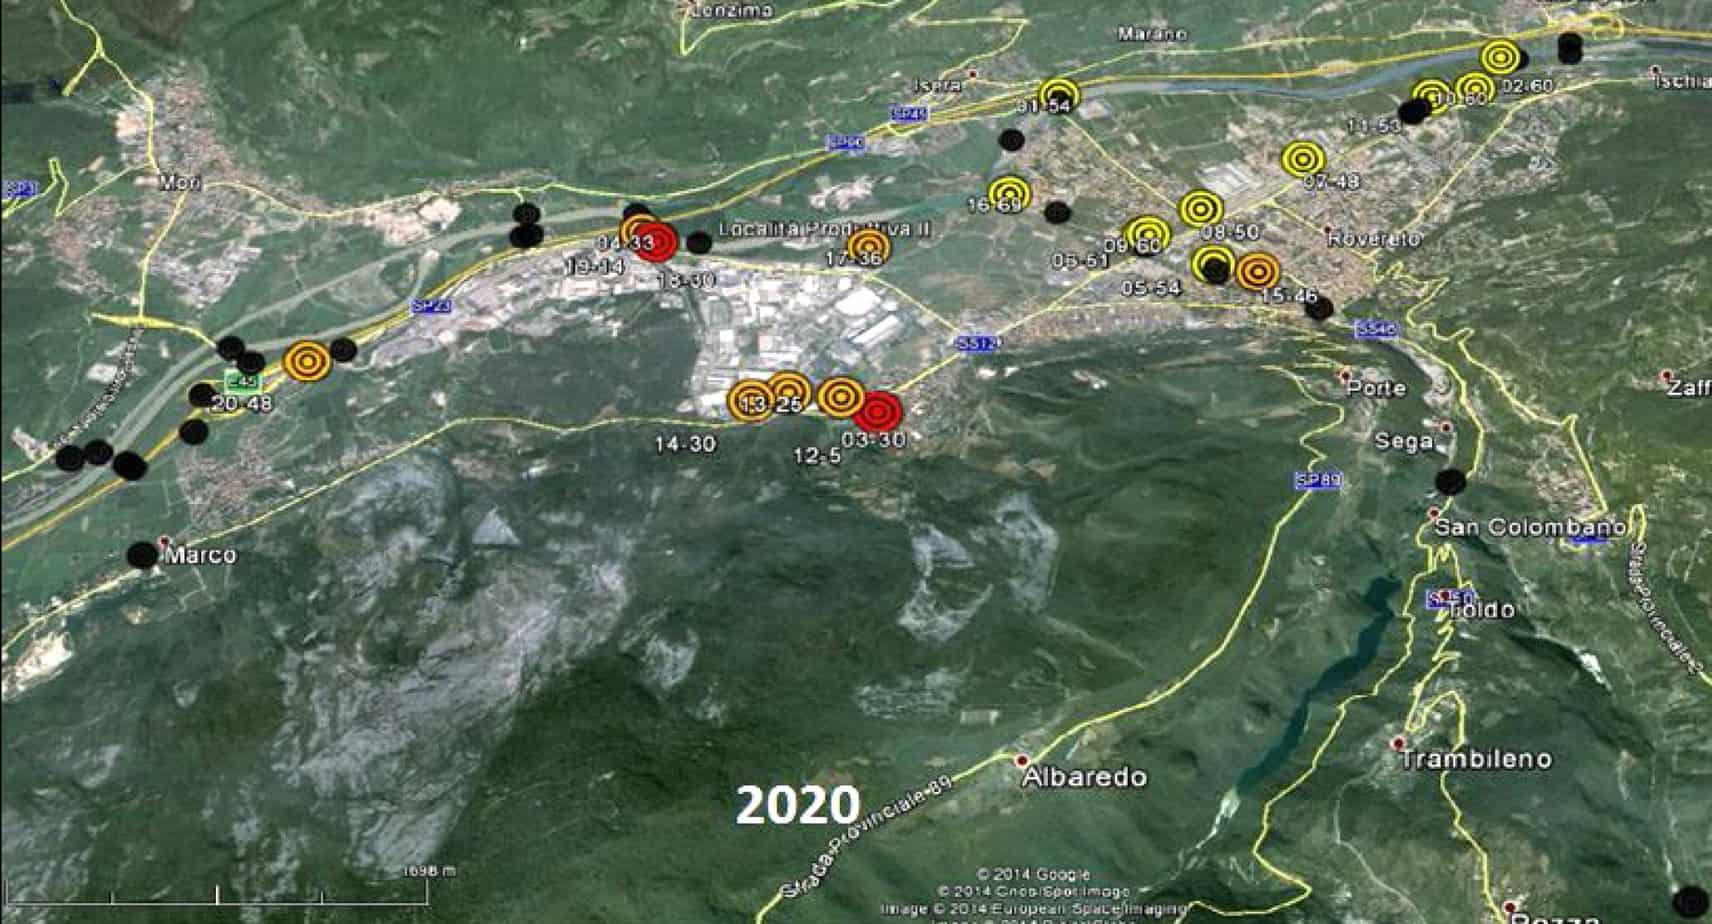 Lo scenario di deterioramento nell'anno 2020 per un gruppo di manufatti situati nel comune di Rovereto